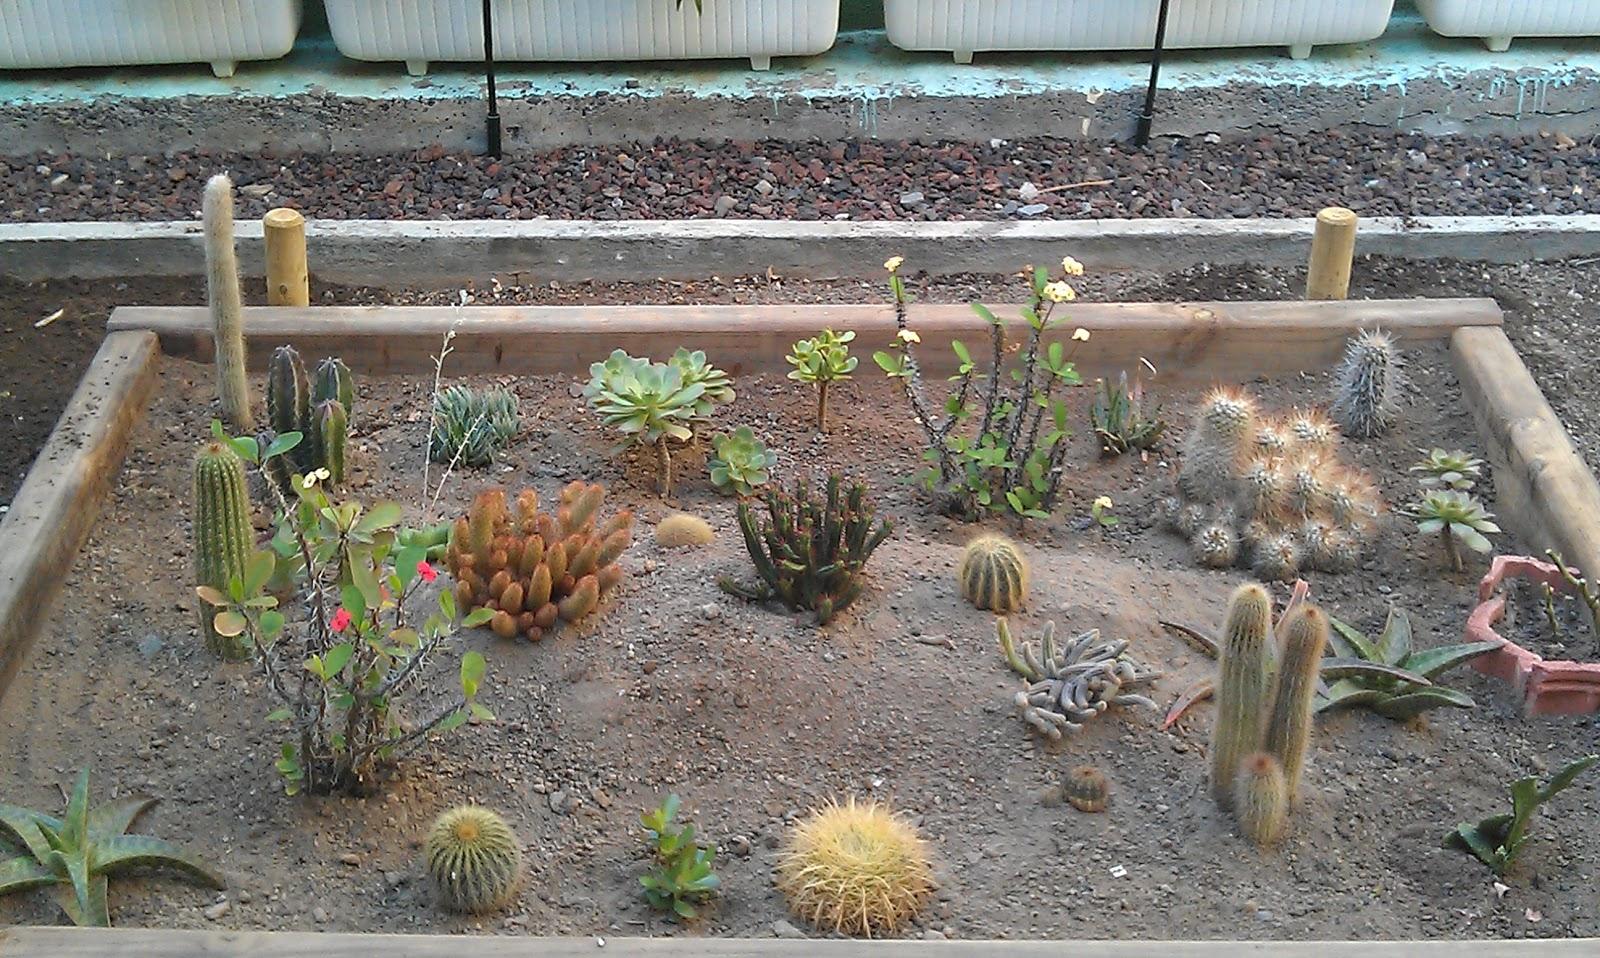 Un jardin el la azotea jardineando por la vida - Troncos para jardin ...